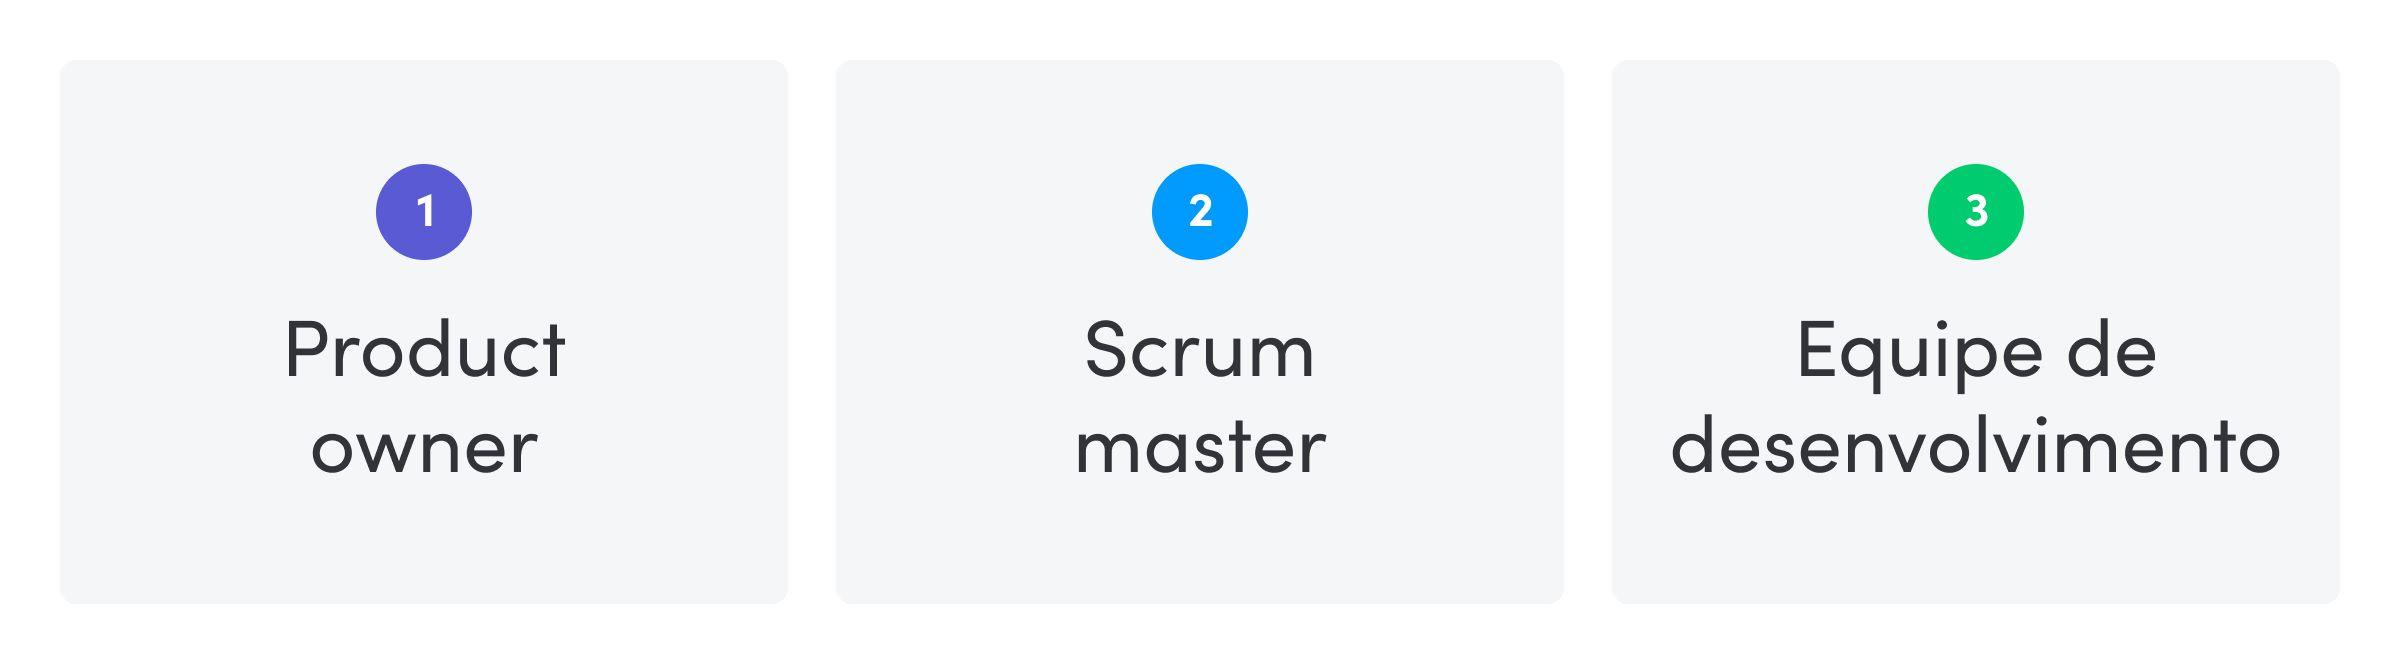 Quais são as funções comuns no Scrum?